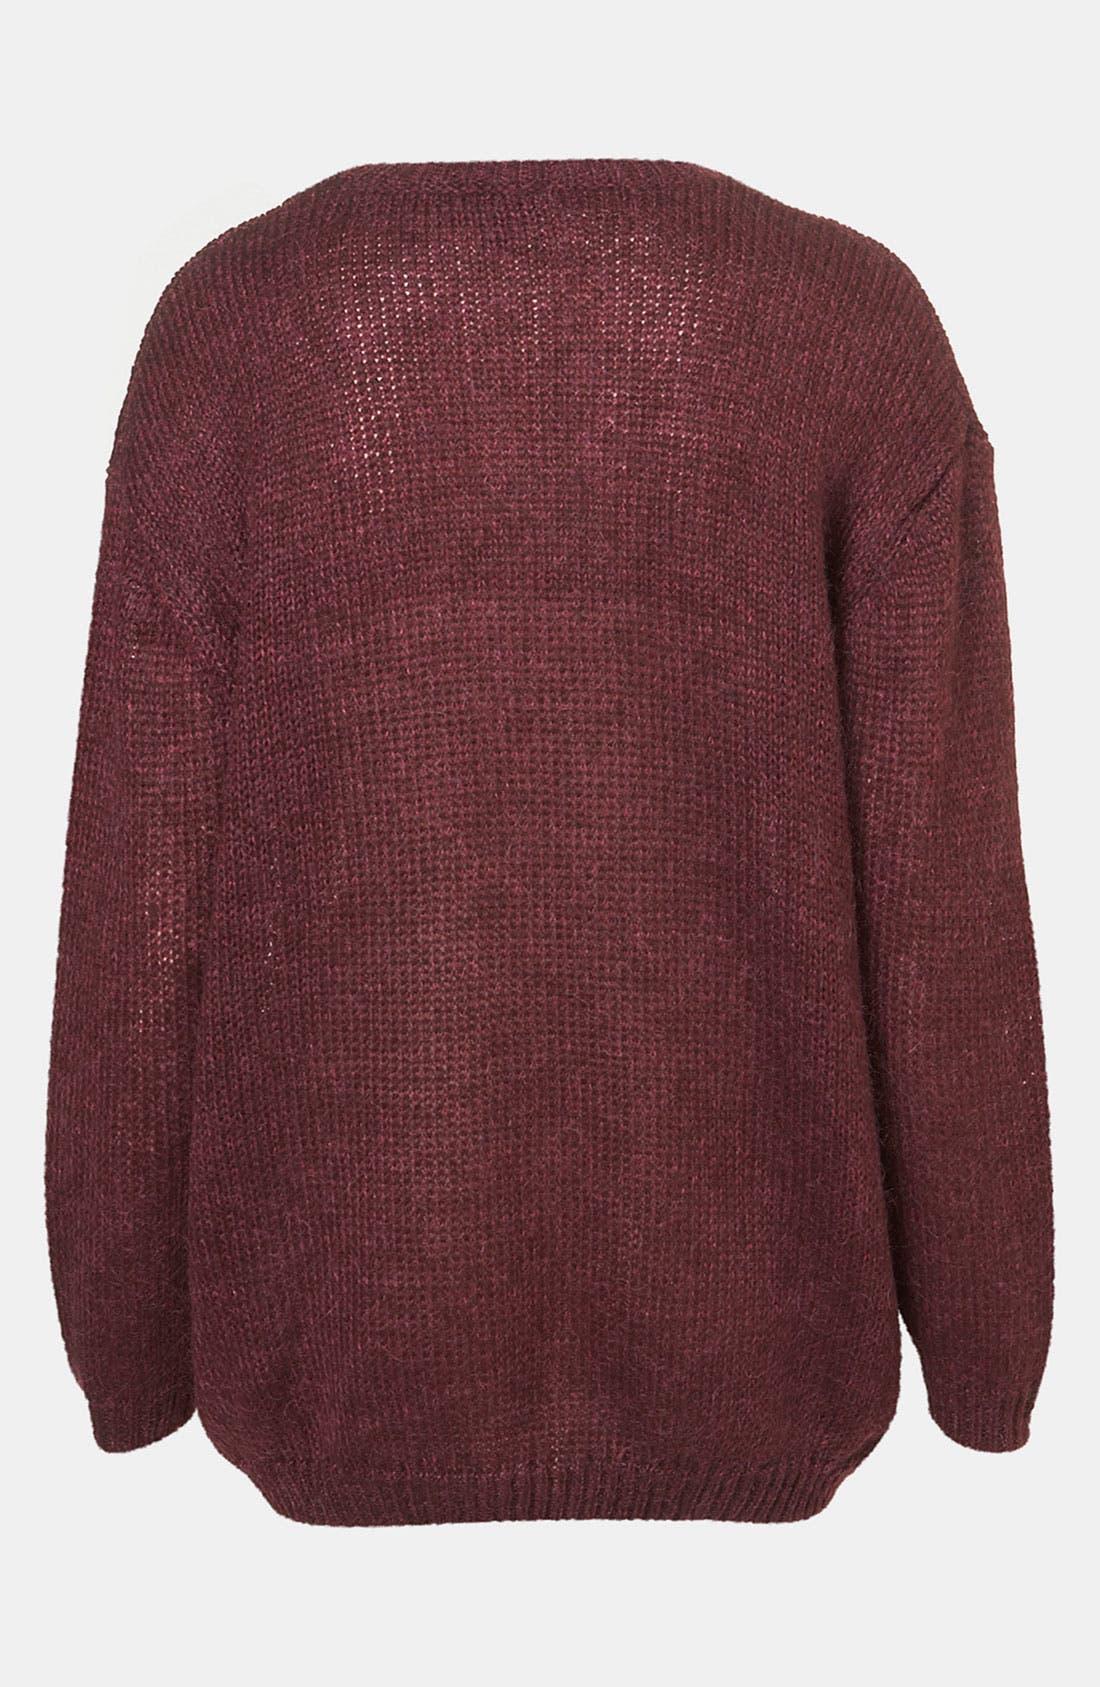 TOPSHOP,                             'Bored' Faux Leather Appliqué Sweater,                             Alternate thumbnail 2, color,                             930